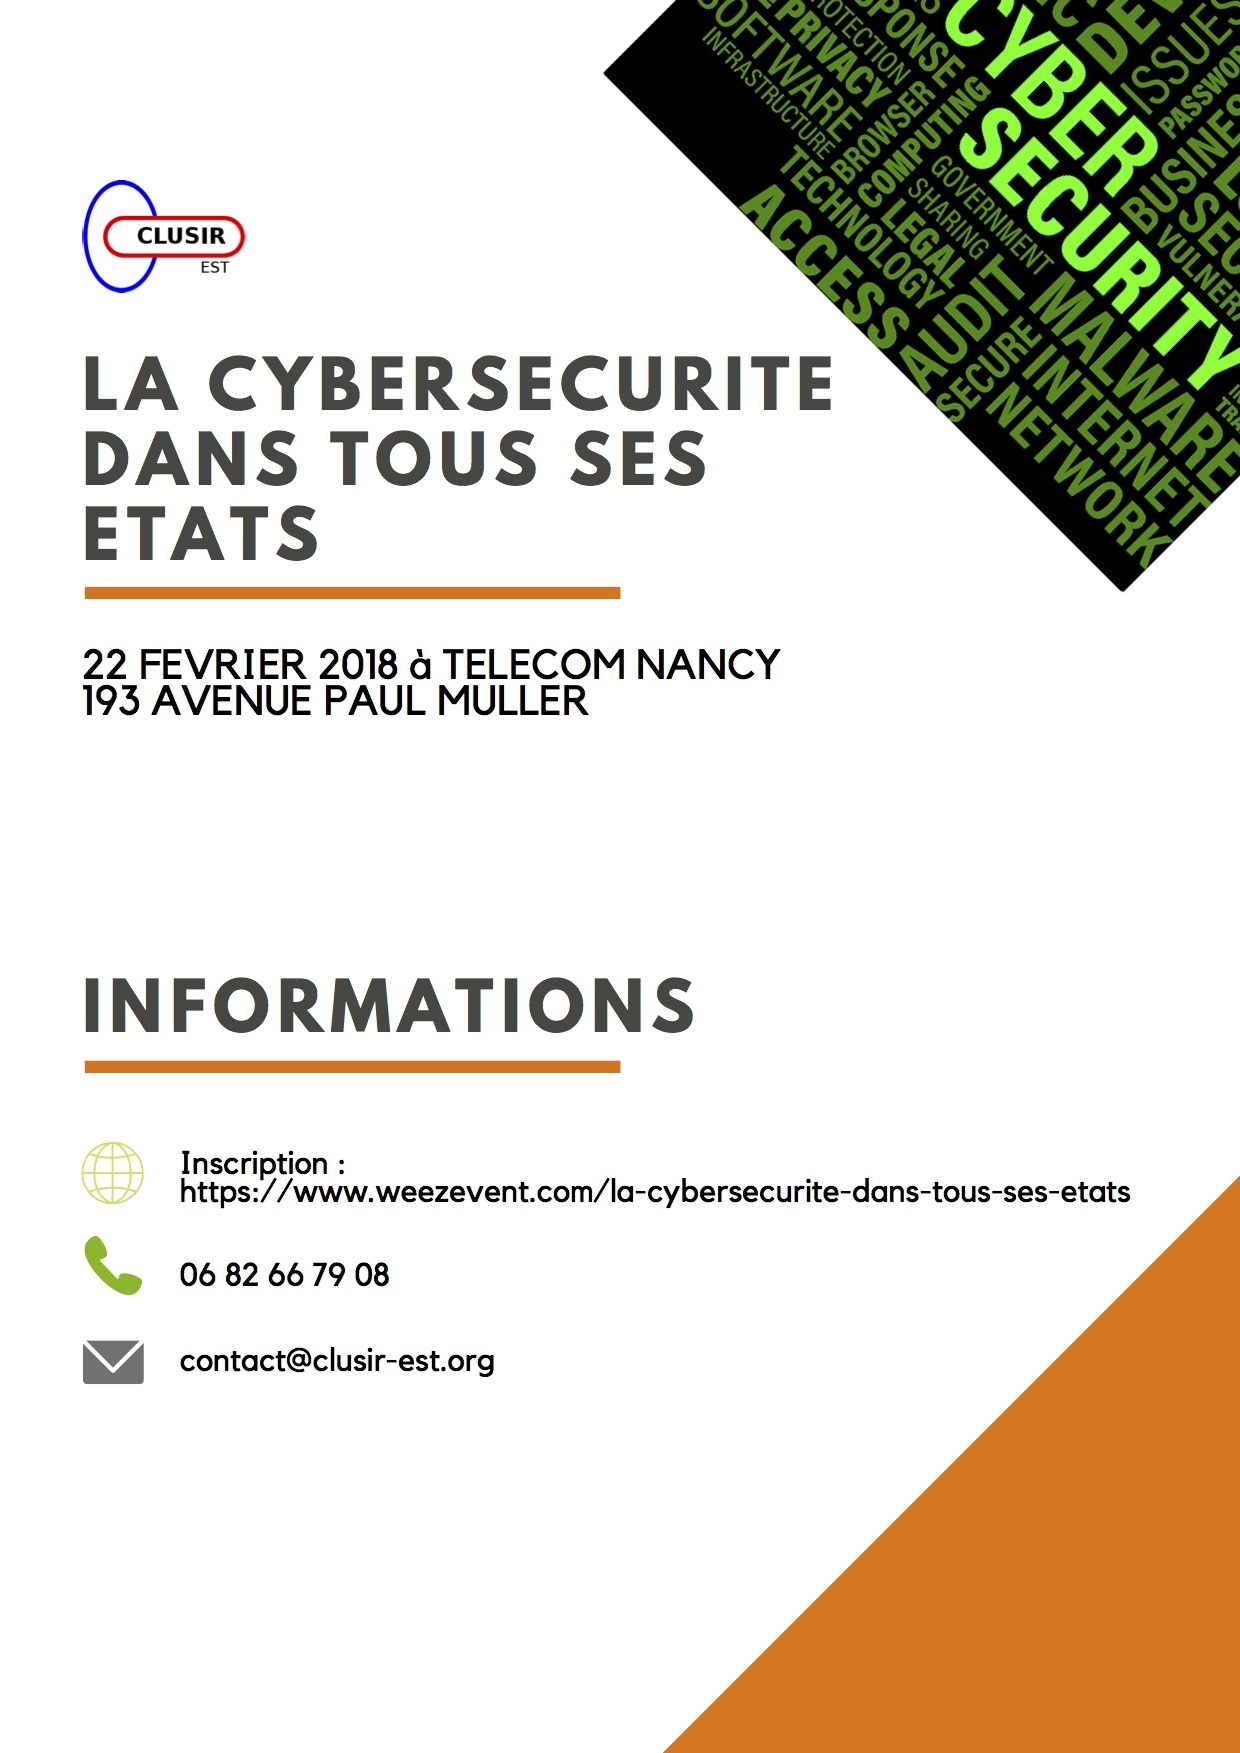 Journée du CLUSIR à Telecom Nancy - Matin